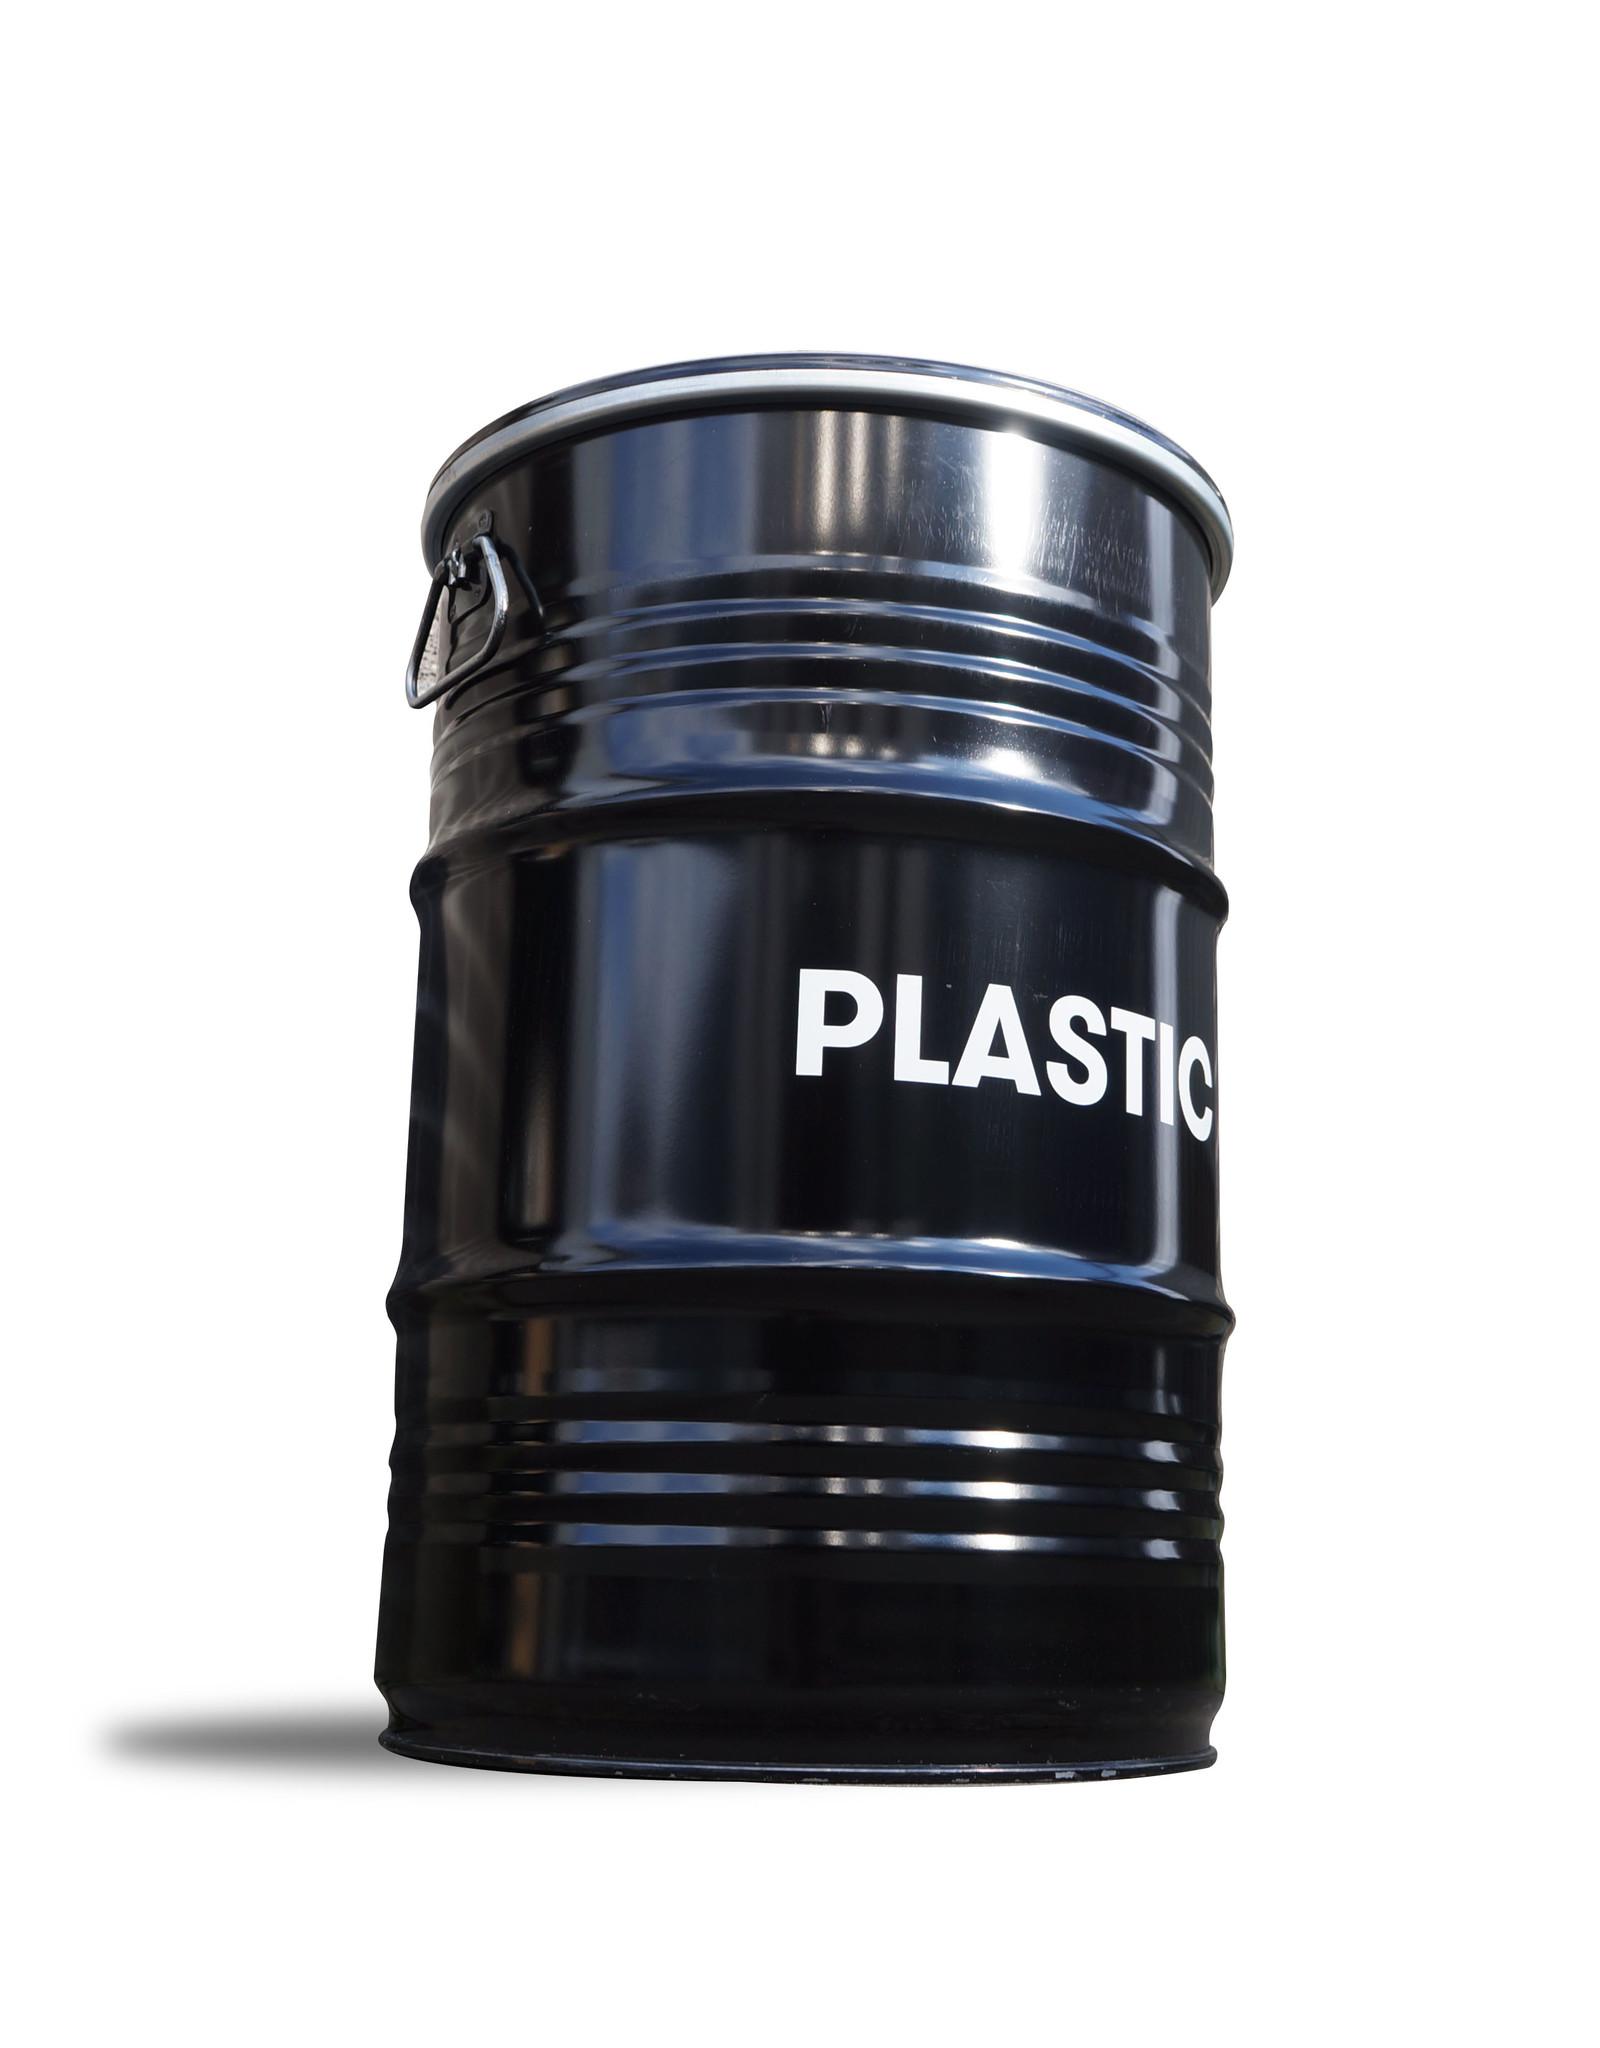 The Binbin BinBin Handgriff Plastik industrieller Mülleimer 60 L mit Deckelgriff